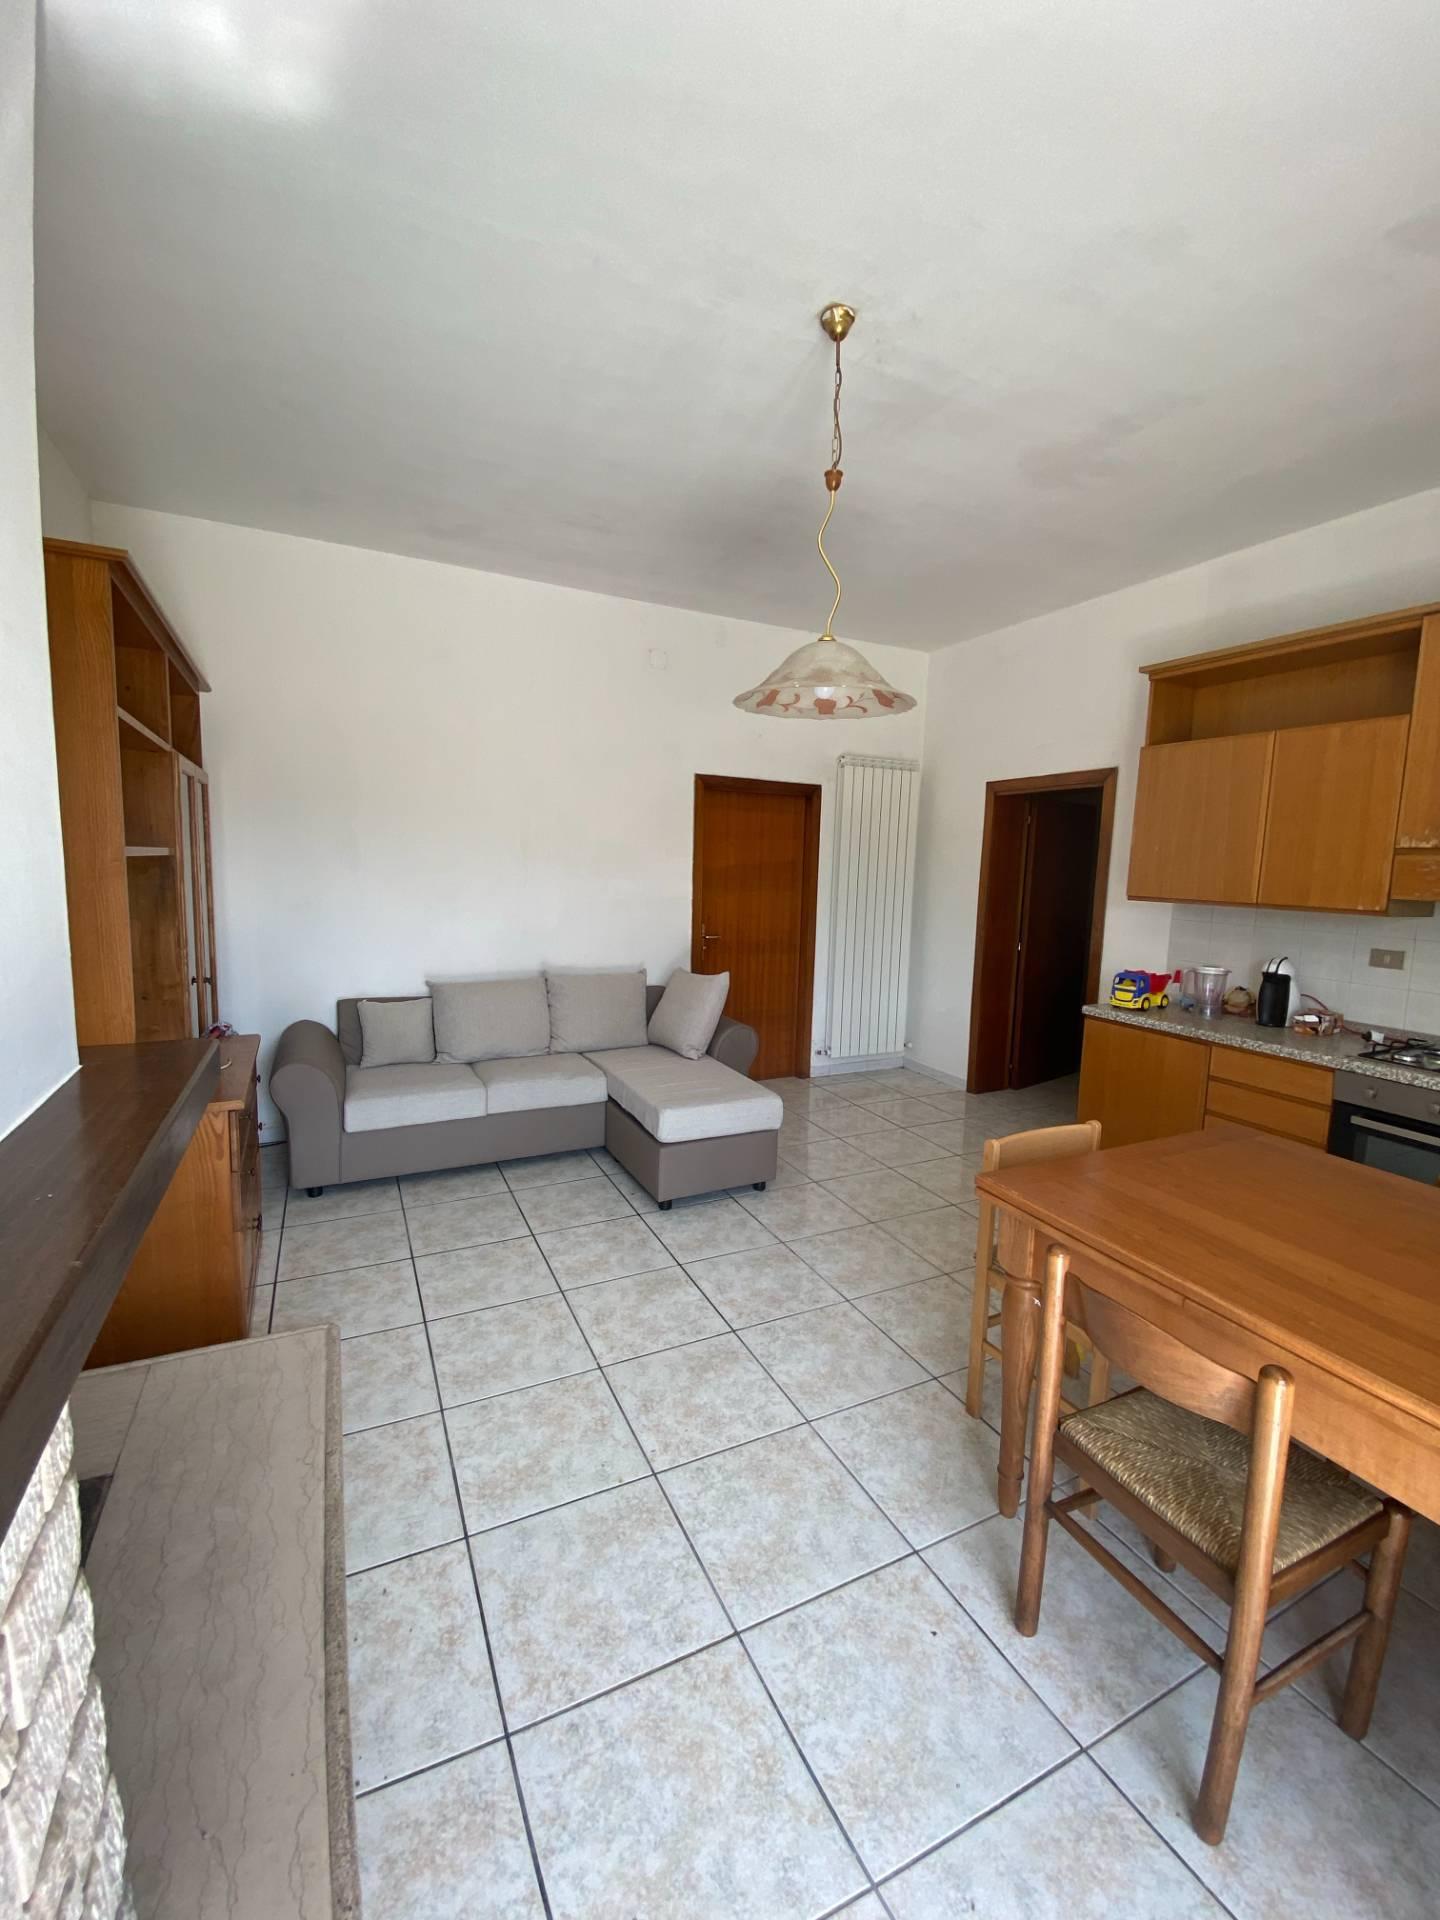 Appartamento in vendita a Montegiorgio, 4 locali, zona Località: PianediMontegiorgio, prezzo € 98.000   PortaleAgenzieImmobiliari.it